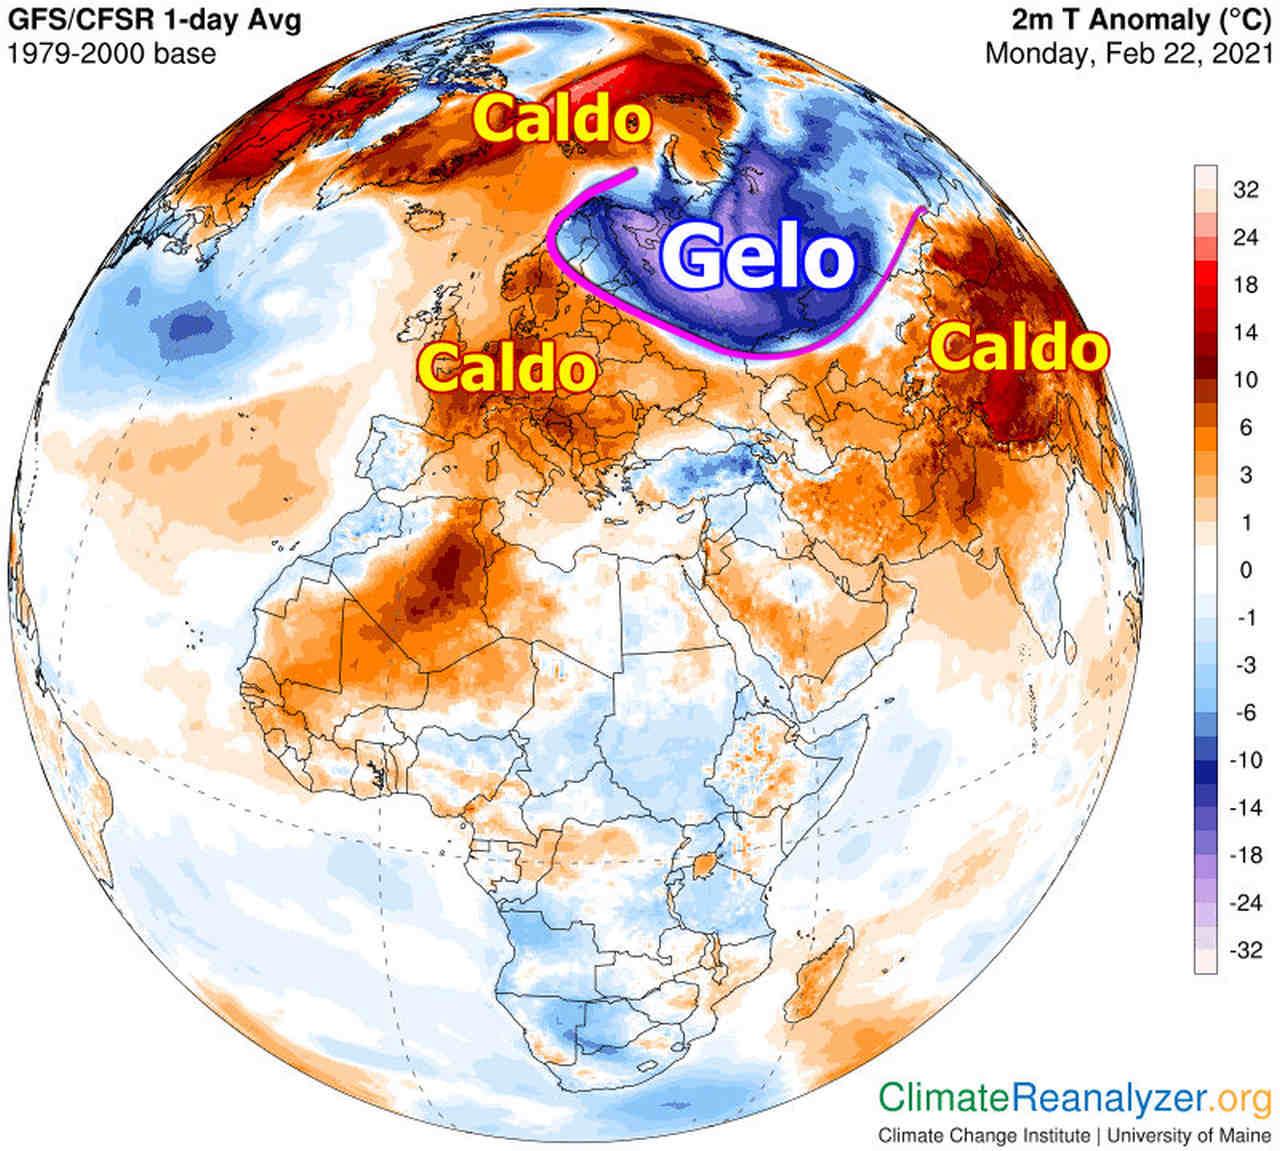 Le anomalie termiche alla data del 22 febbraio a livello del suolo in Europa, Africa e Asia